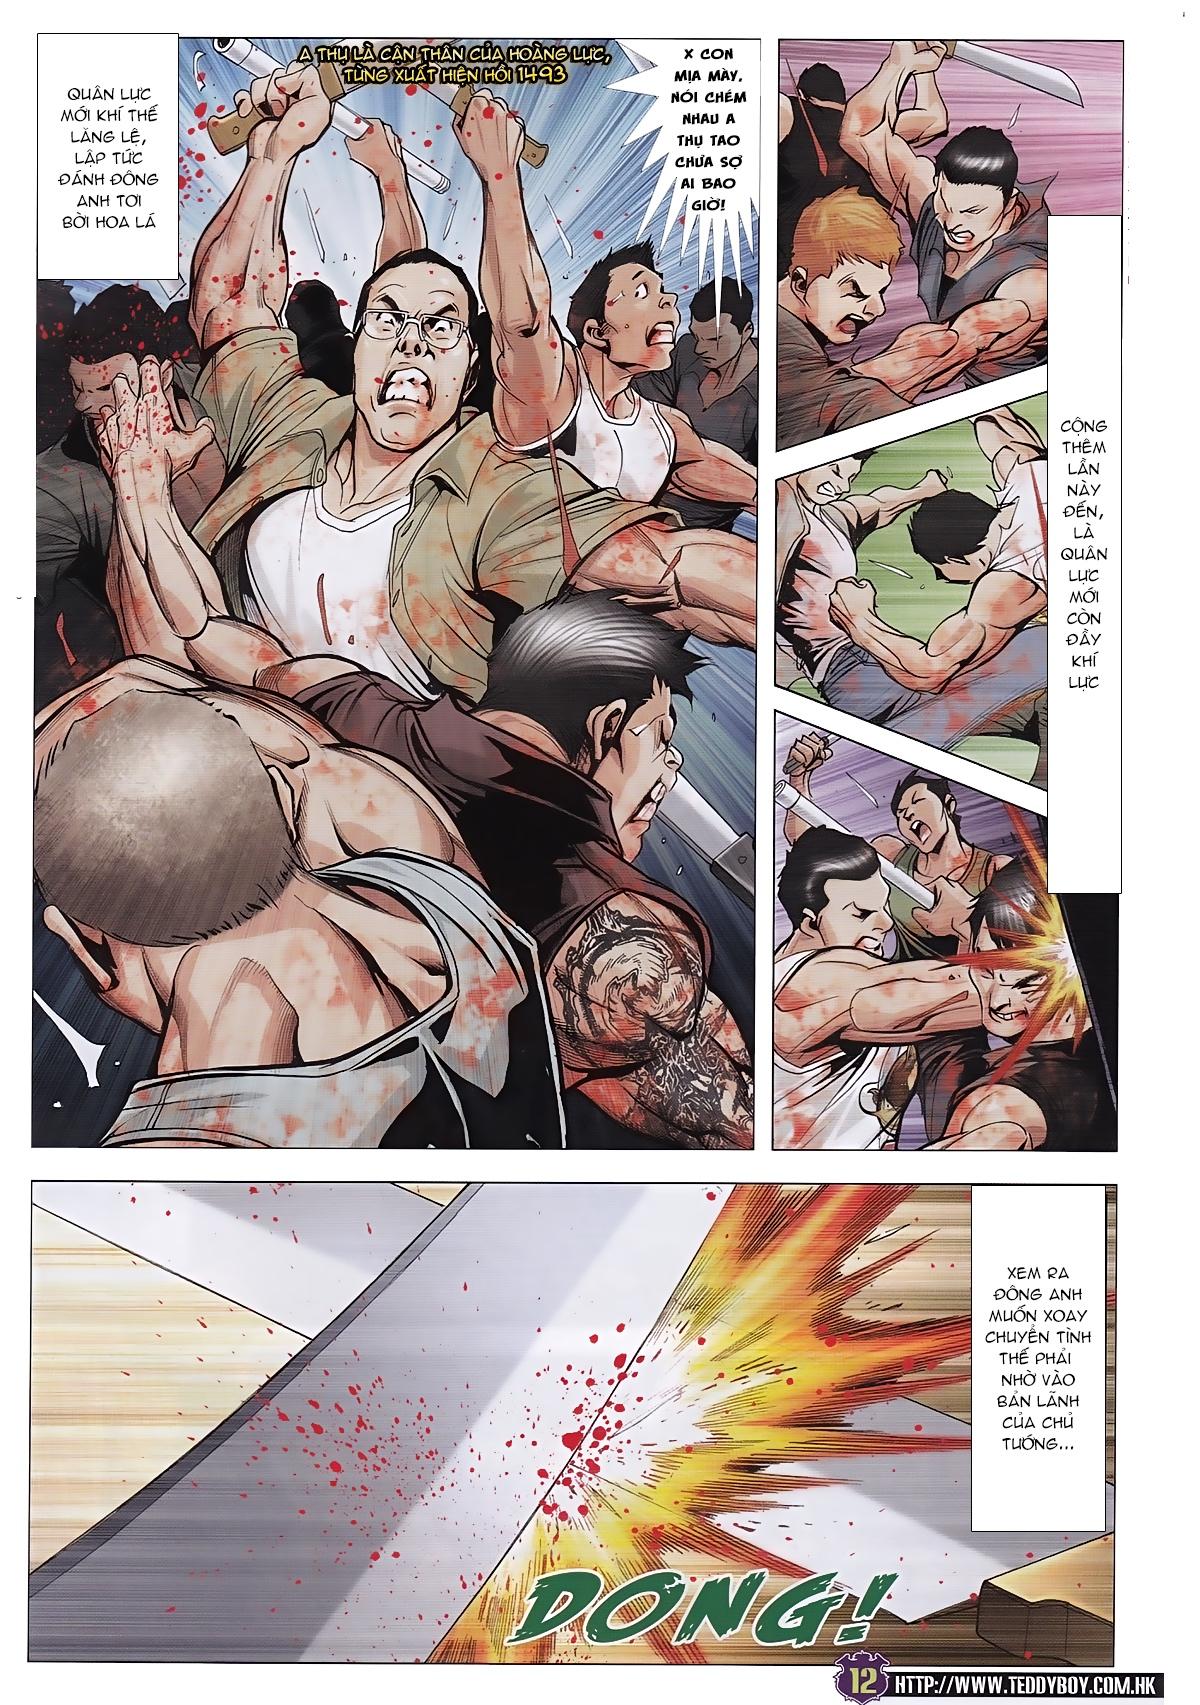 Người Trong Giang Hồ chapter 1960: long ảnh tung hoành trang 10